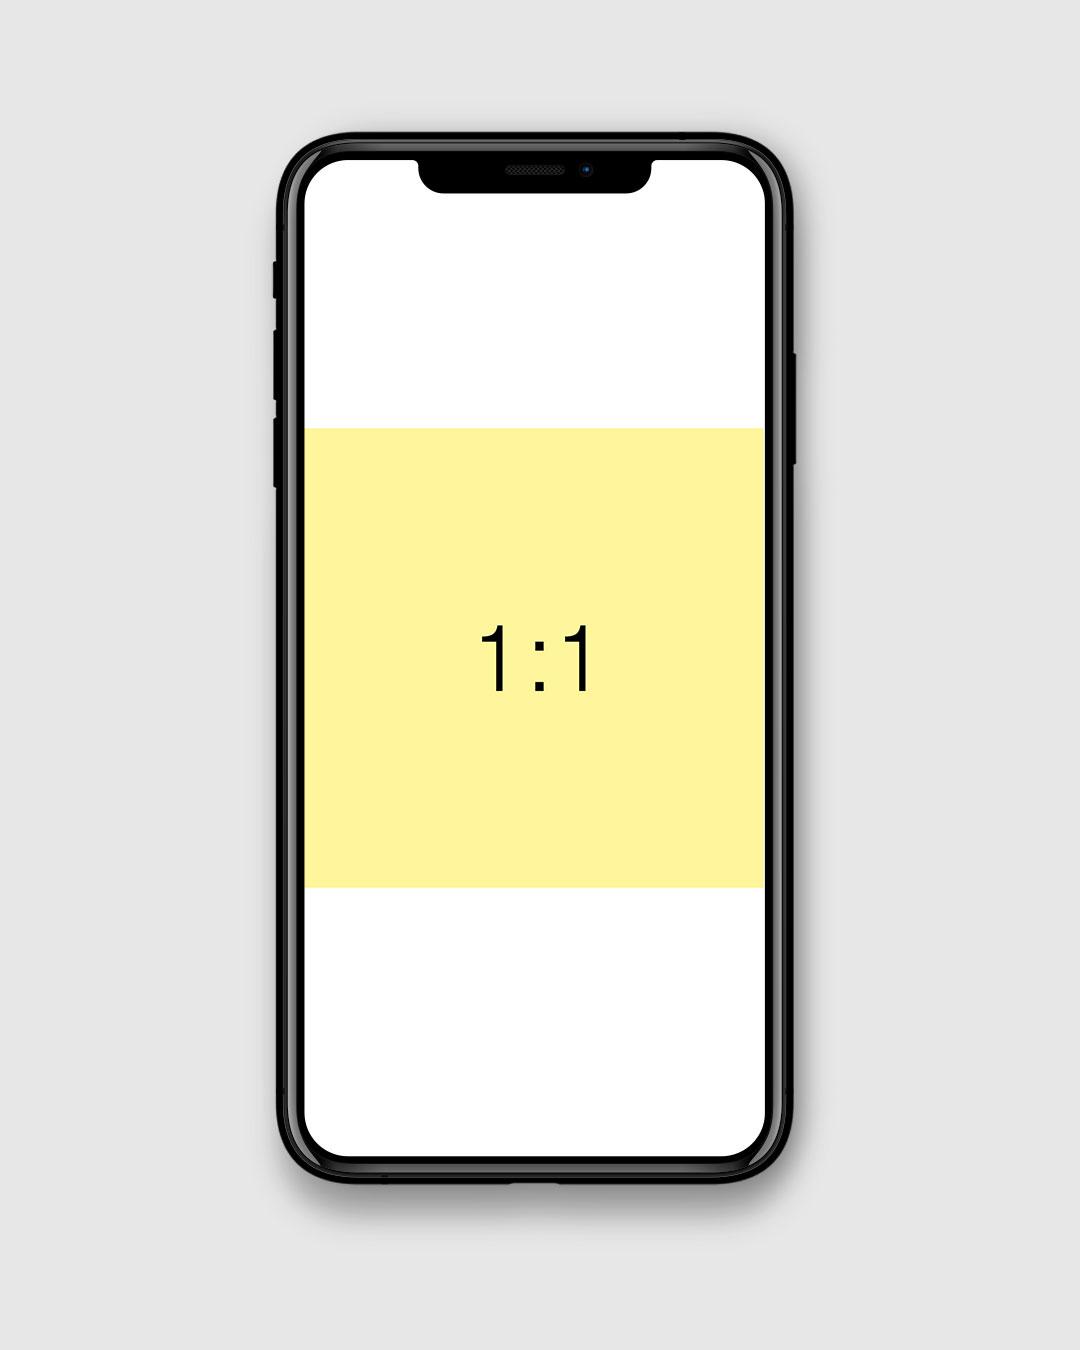 ohHello Design | Ressurser | Bildestørrelse 1:1